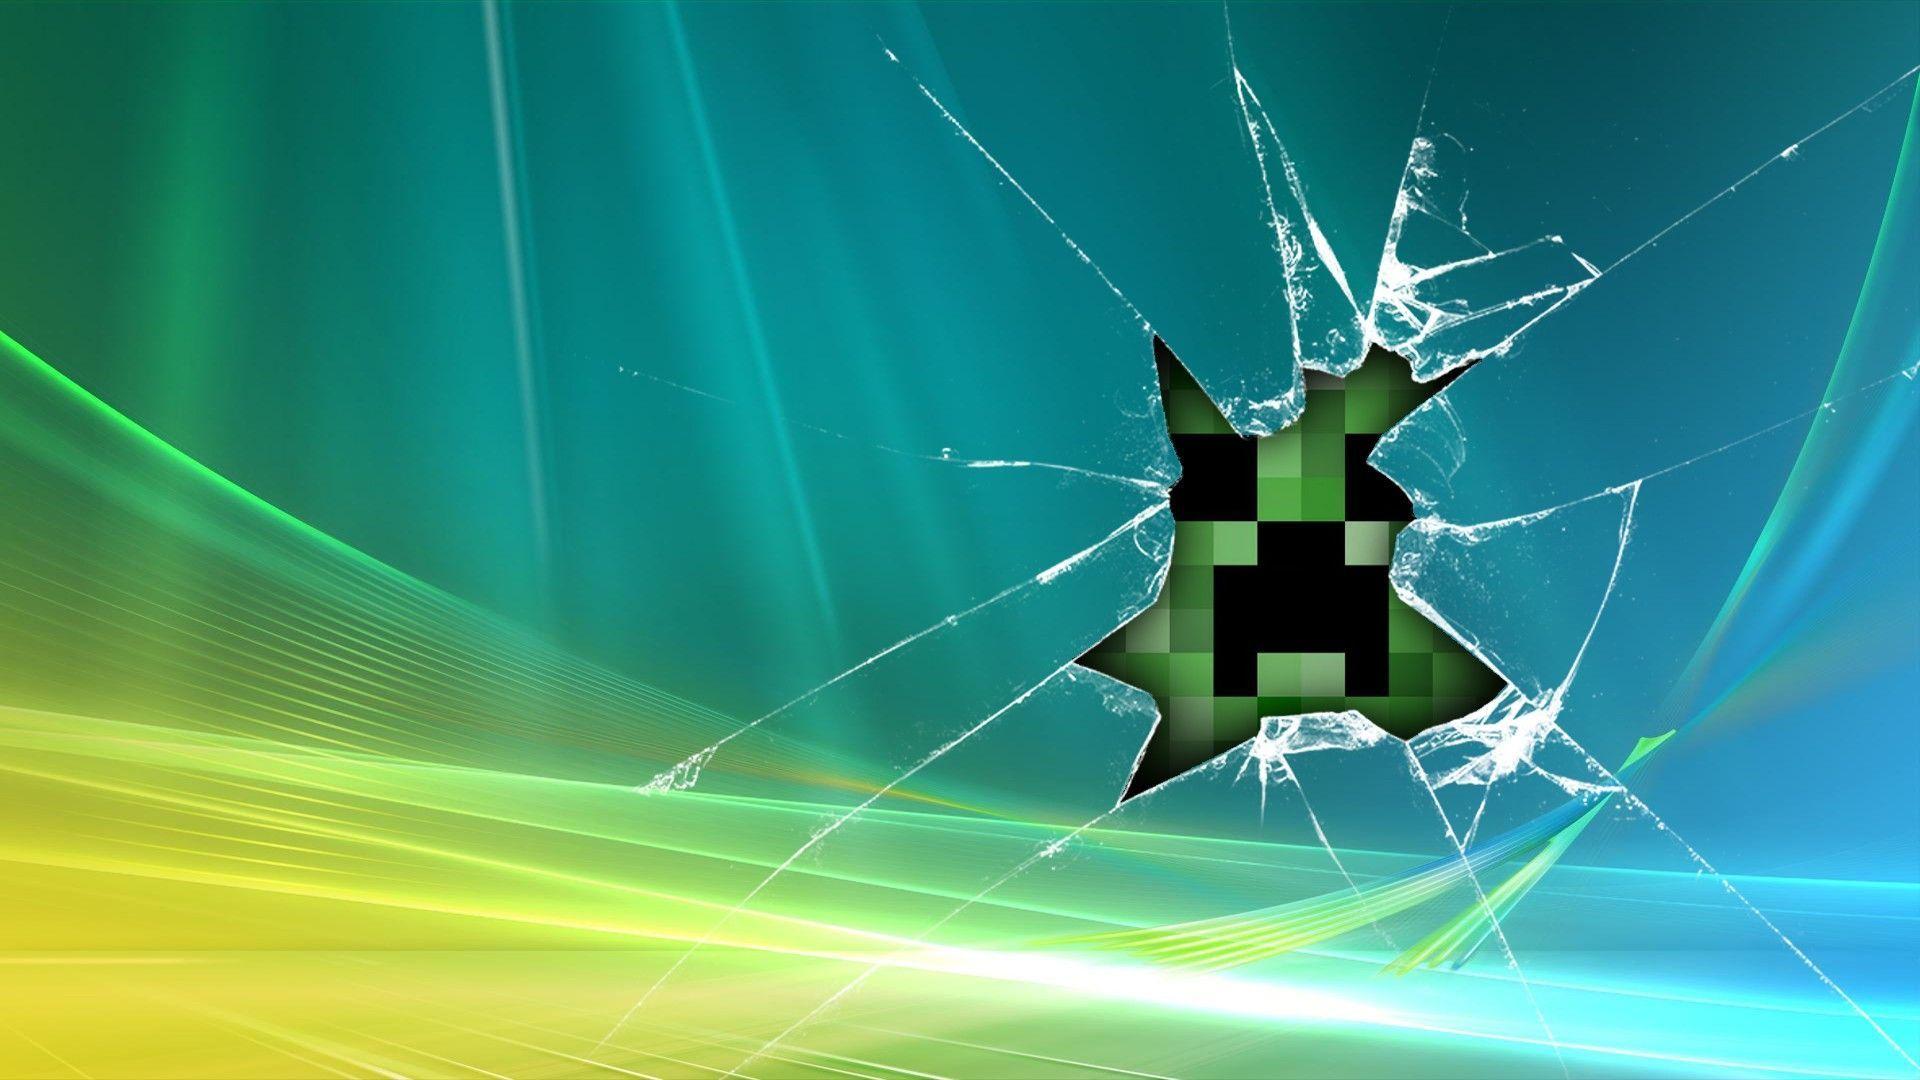 Minecarft Creeper For Windows Hipssssssssssss Kabooooommmmmmmmmmmm